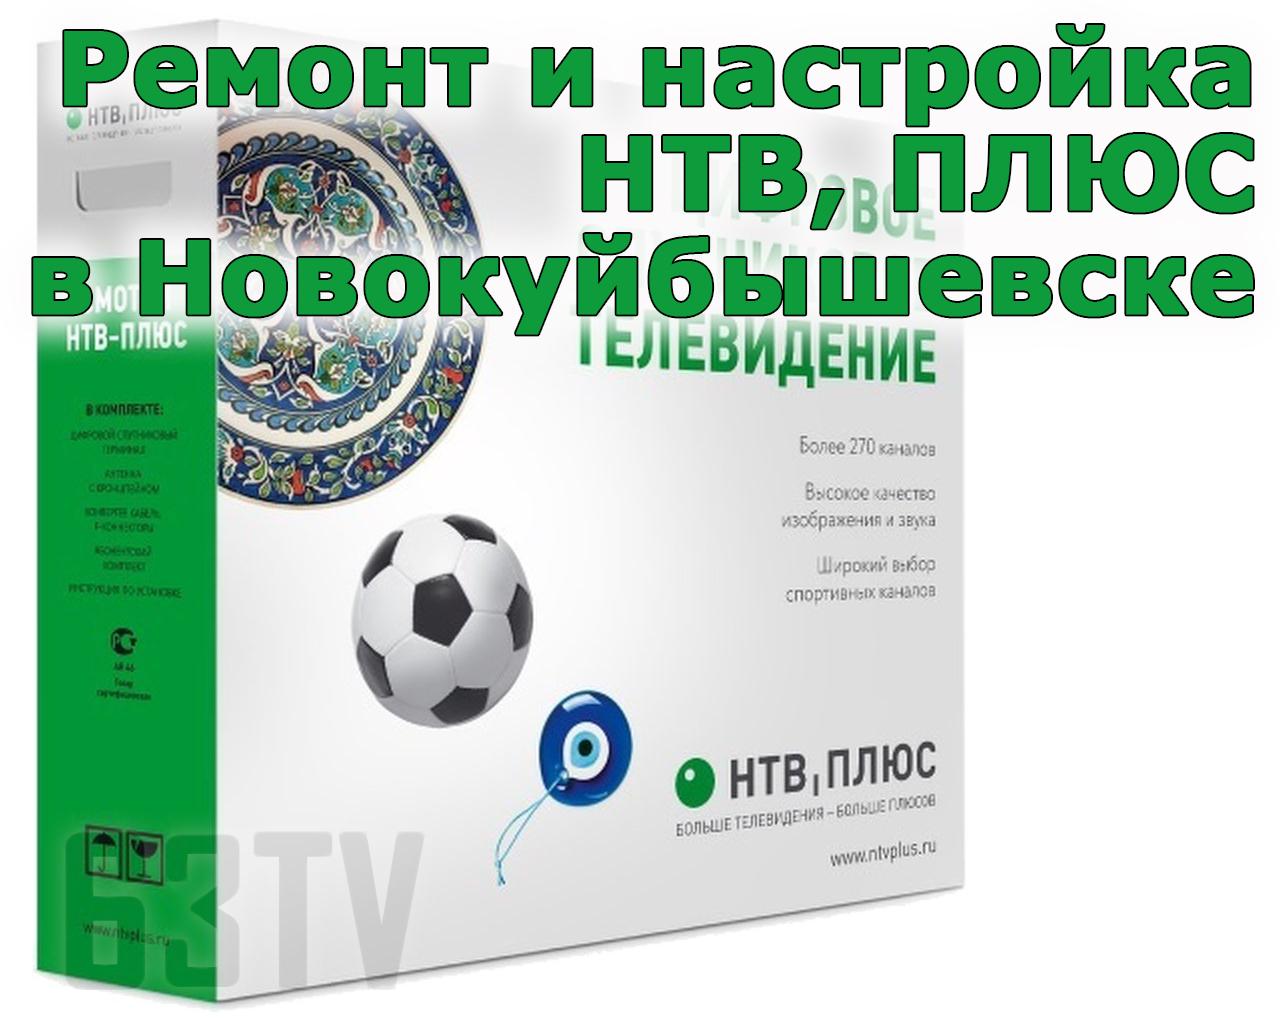 Ремонт и настройка НТВ+ в Новокуйбышевске